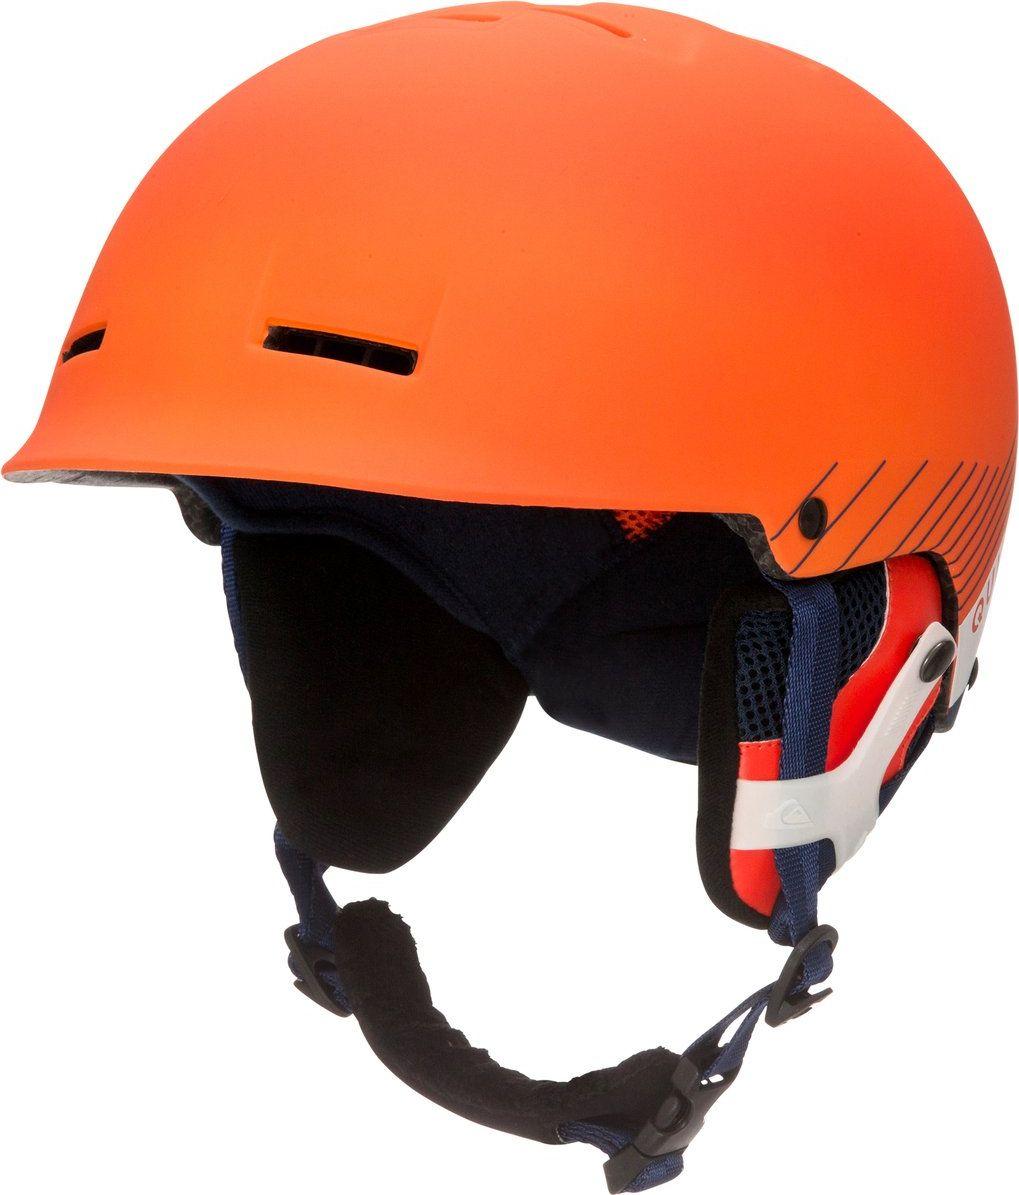 Сноубордический шлем Quiksilver  Fusion , цвет: оранжевый. Размер 56/58 - Горные лыжи